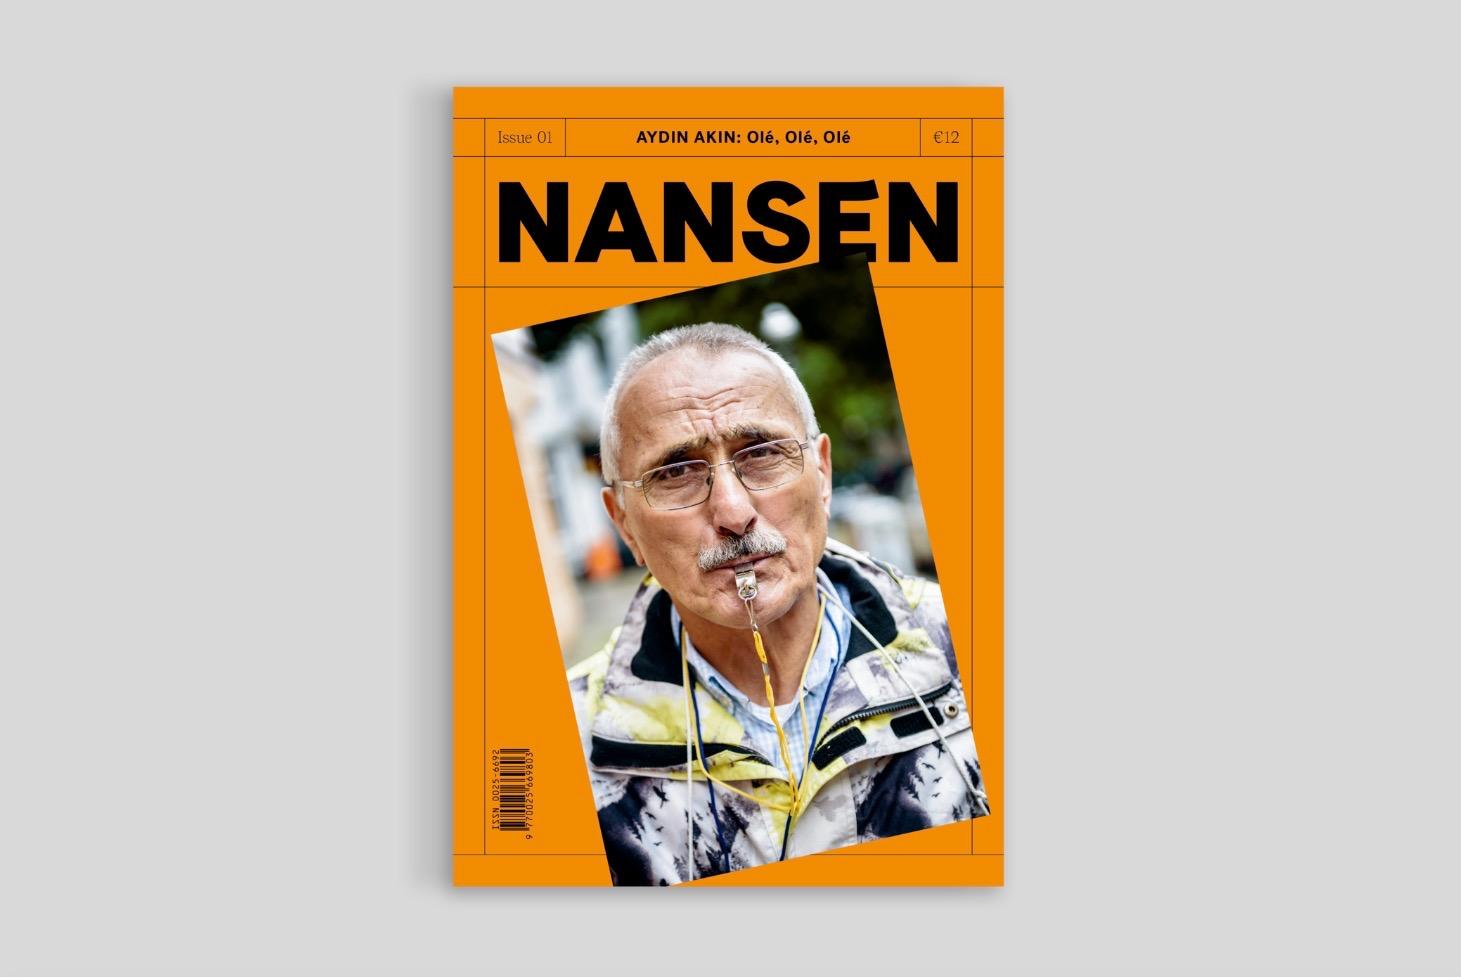 nansen 1 1